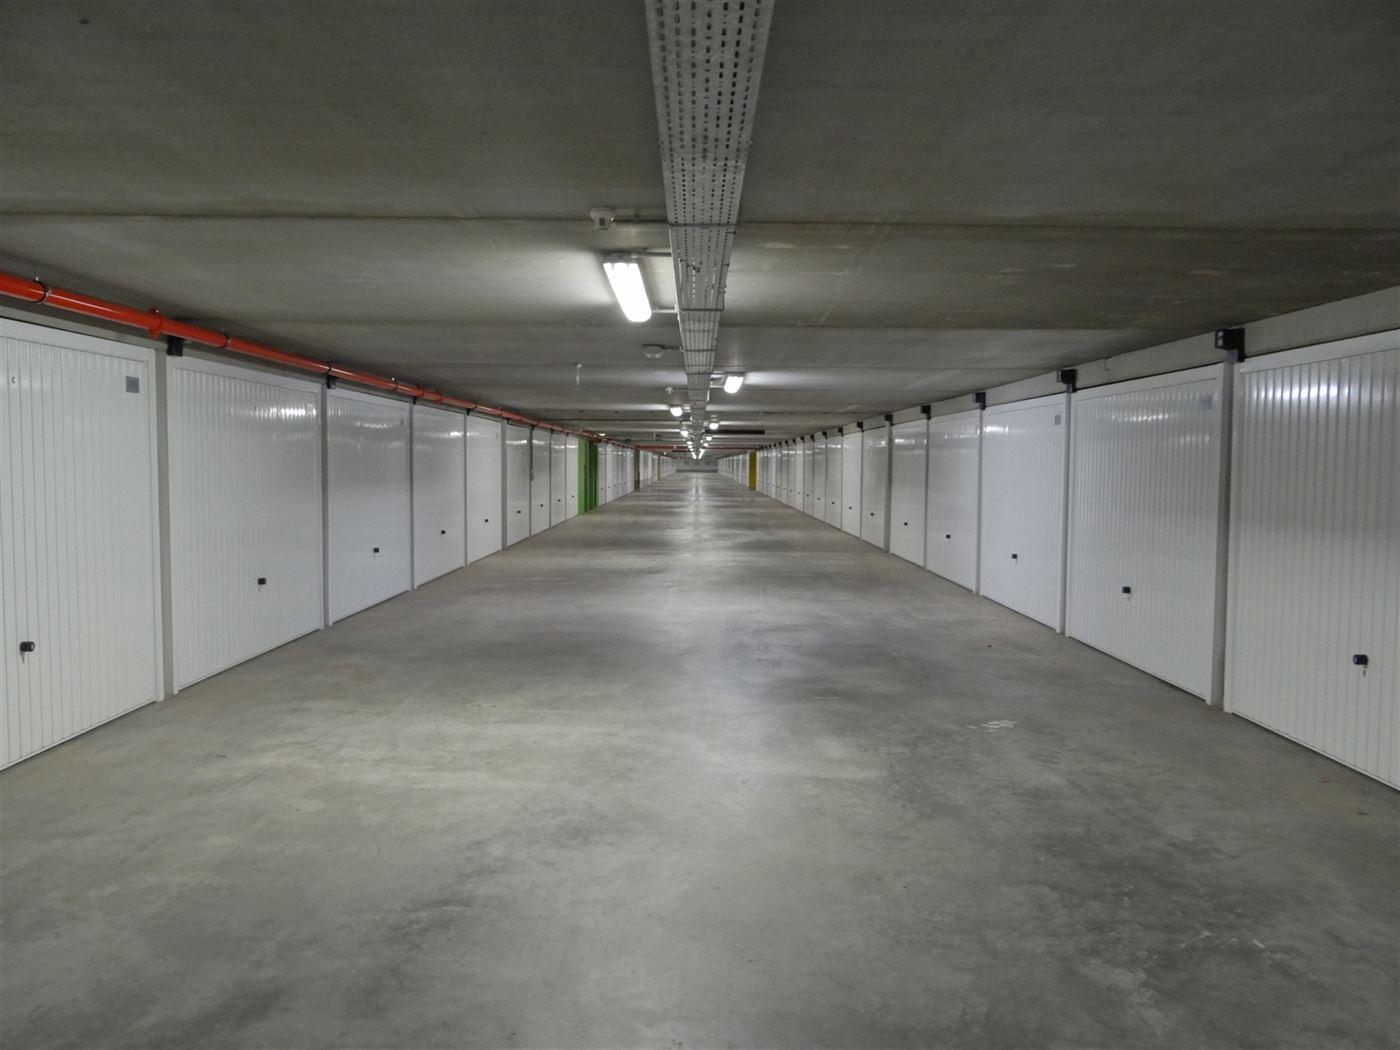 Garagecomplex Franslaan G2096 - Gesloten garagebox in de Franslaan - Gelegen op niveau -2 van het garagecomplex - Volle eigendom - Personenlift aanwez...